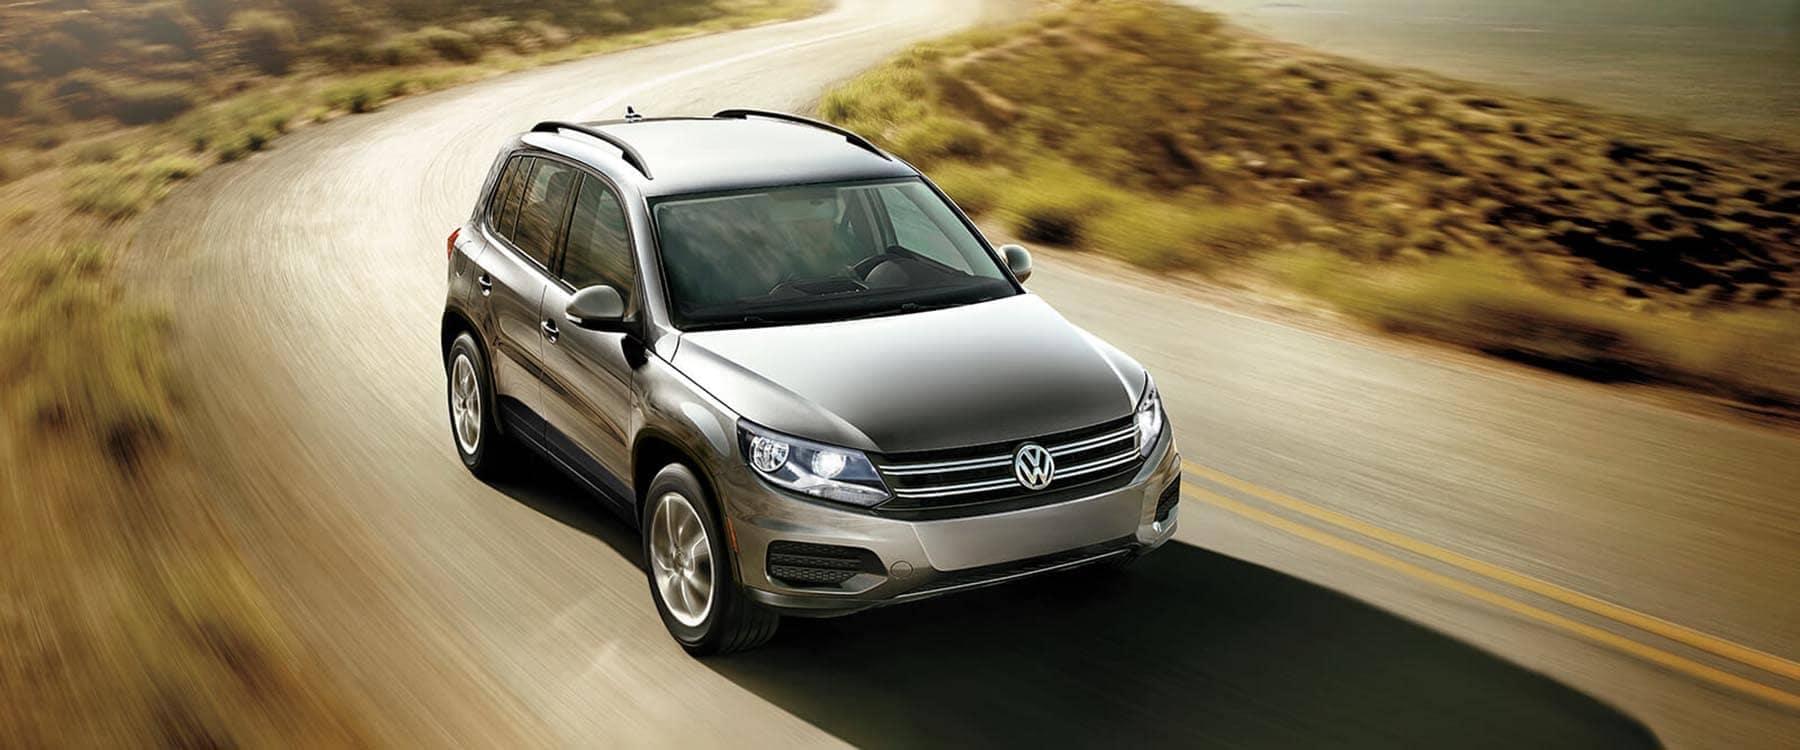 2018 Volkswagen Tiguan Limited Driving